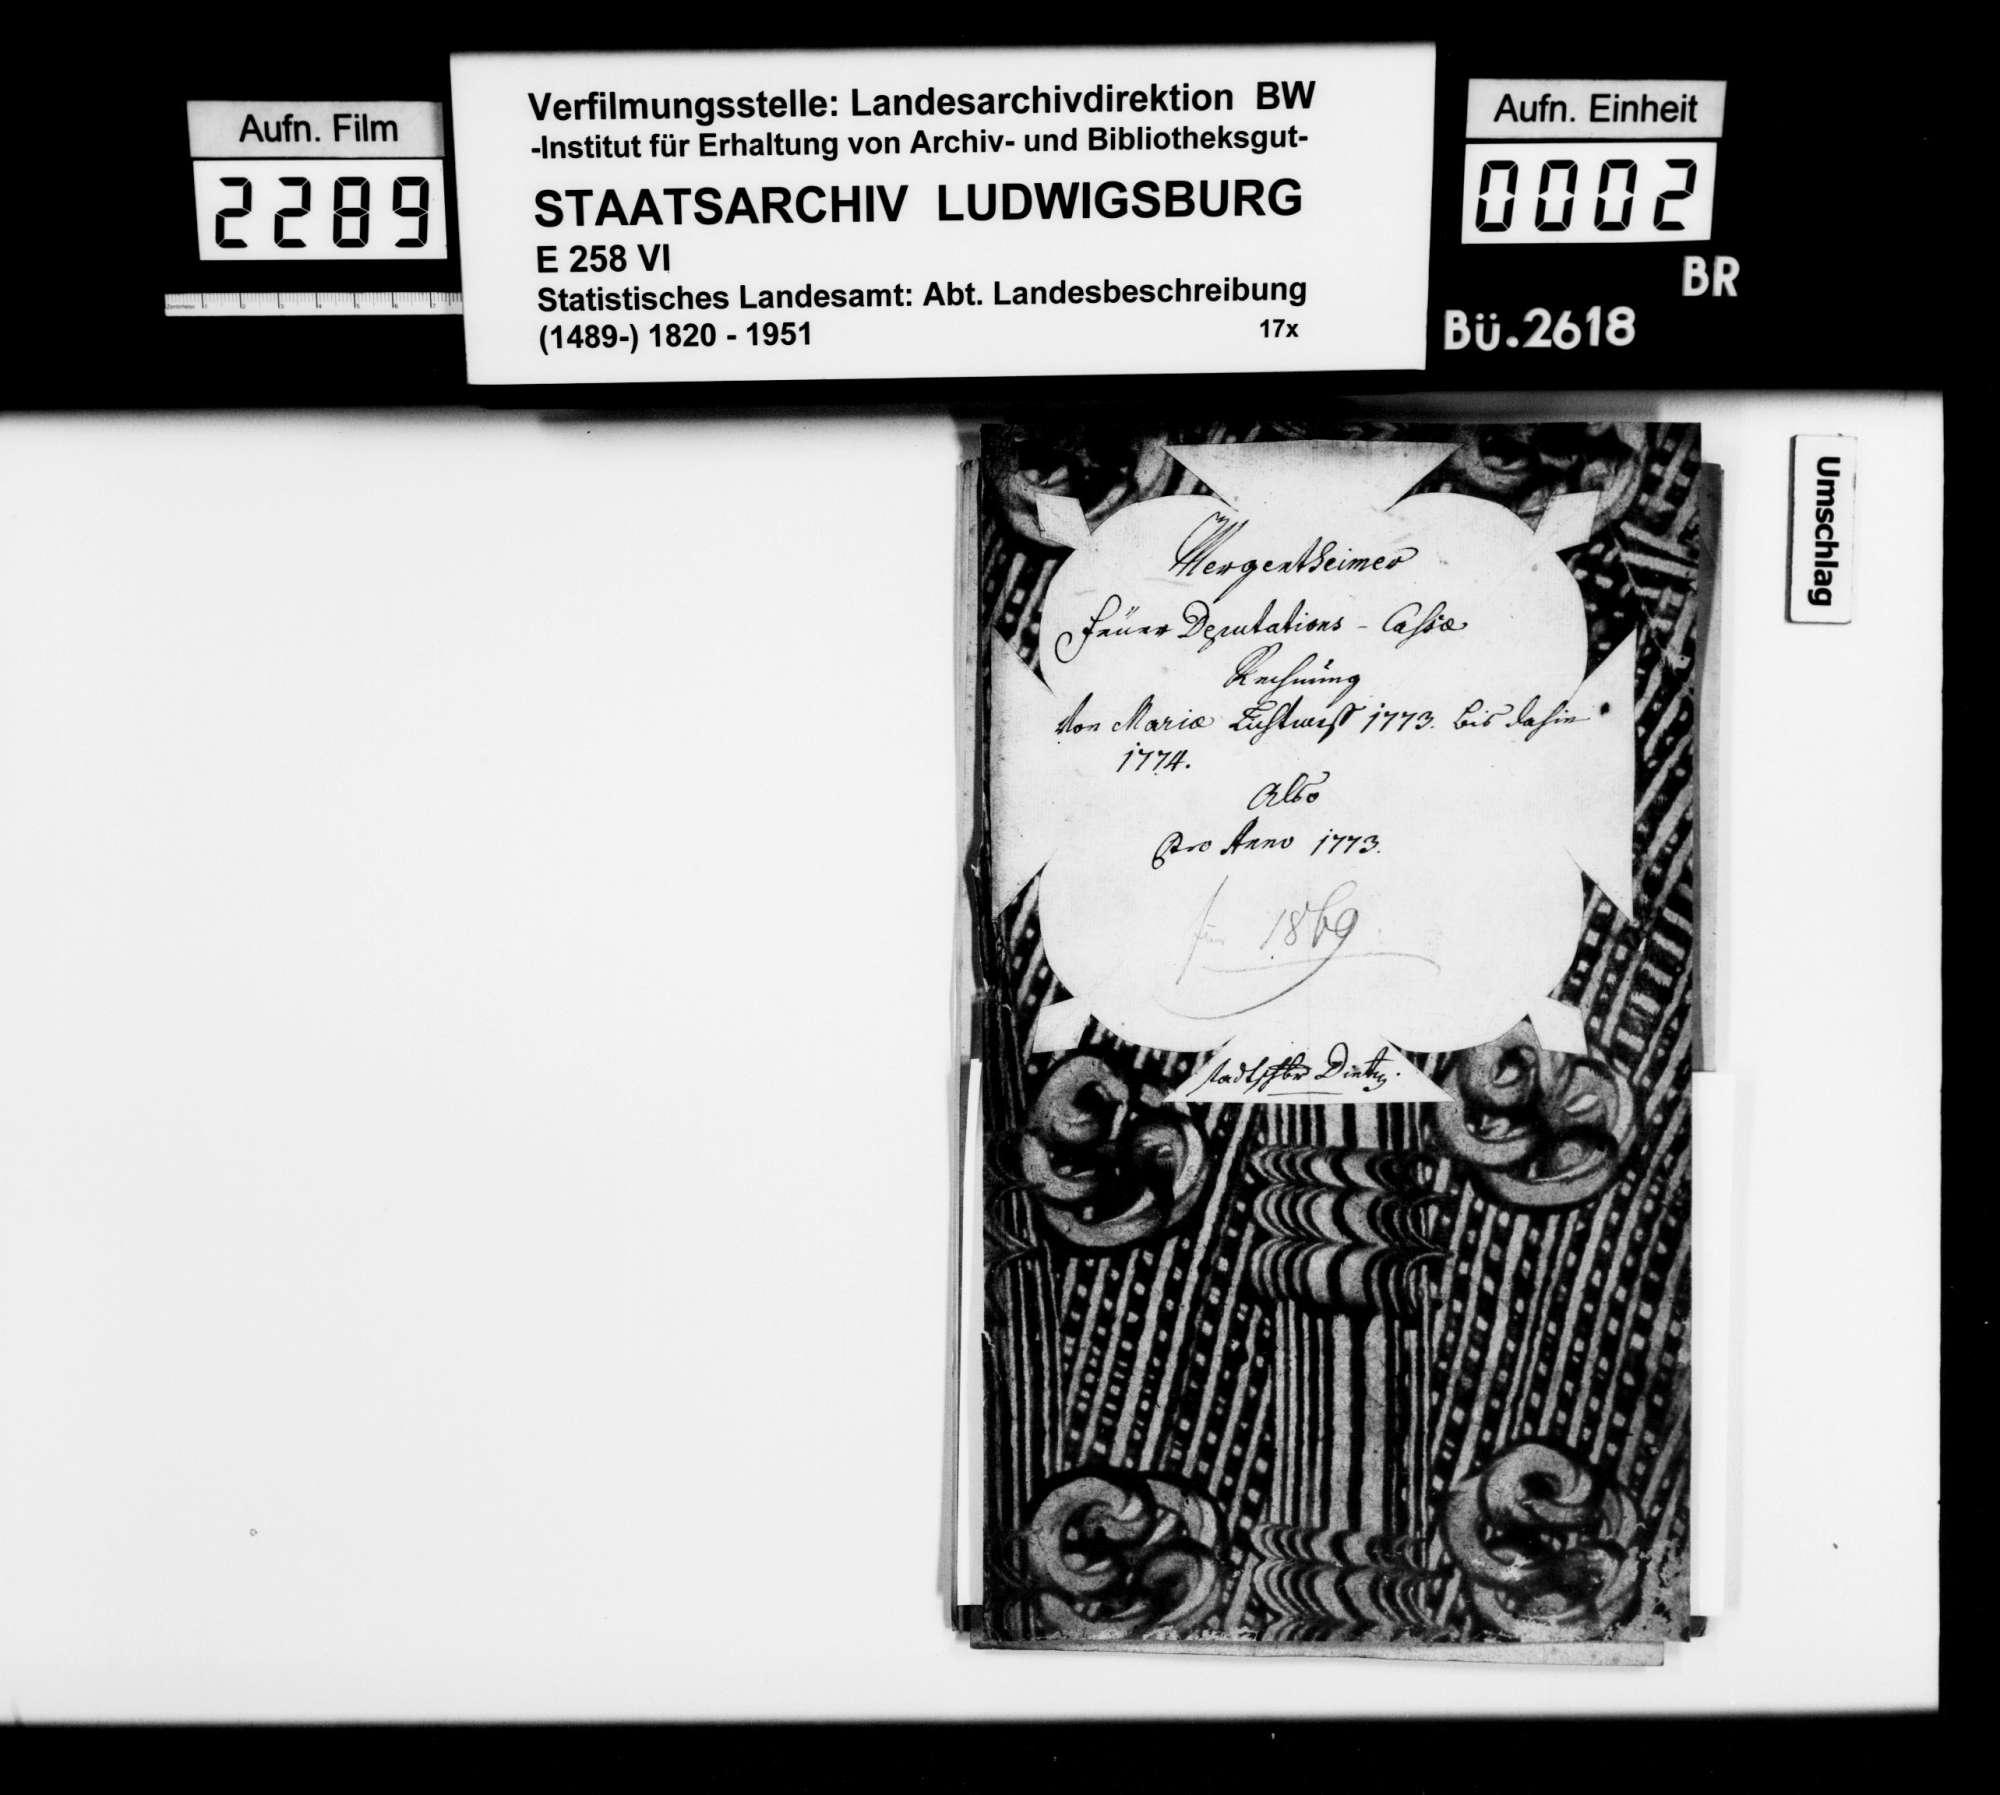 Notizen zu verschiedenen Themen, überwiegend aus der Sammlung des OAsarztes von Mergentheim Christian Friedrich Bauer, mit dem Nachlaß seines 1872 verstorbenen Sohnes Hermann erworben, Bild 1